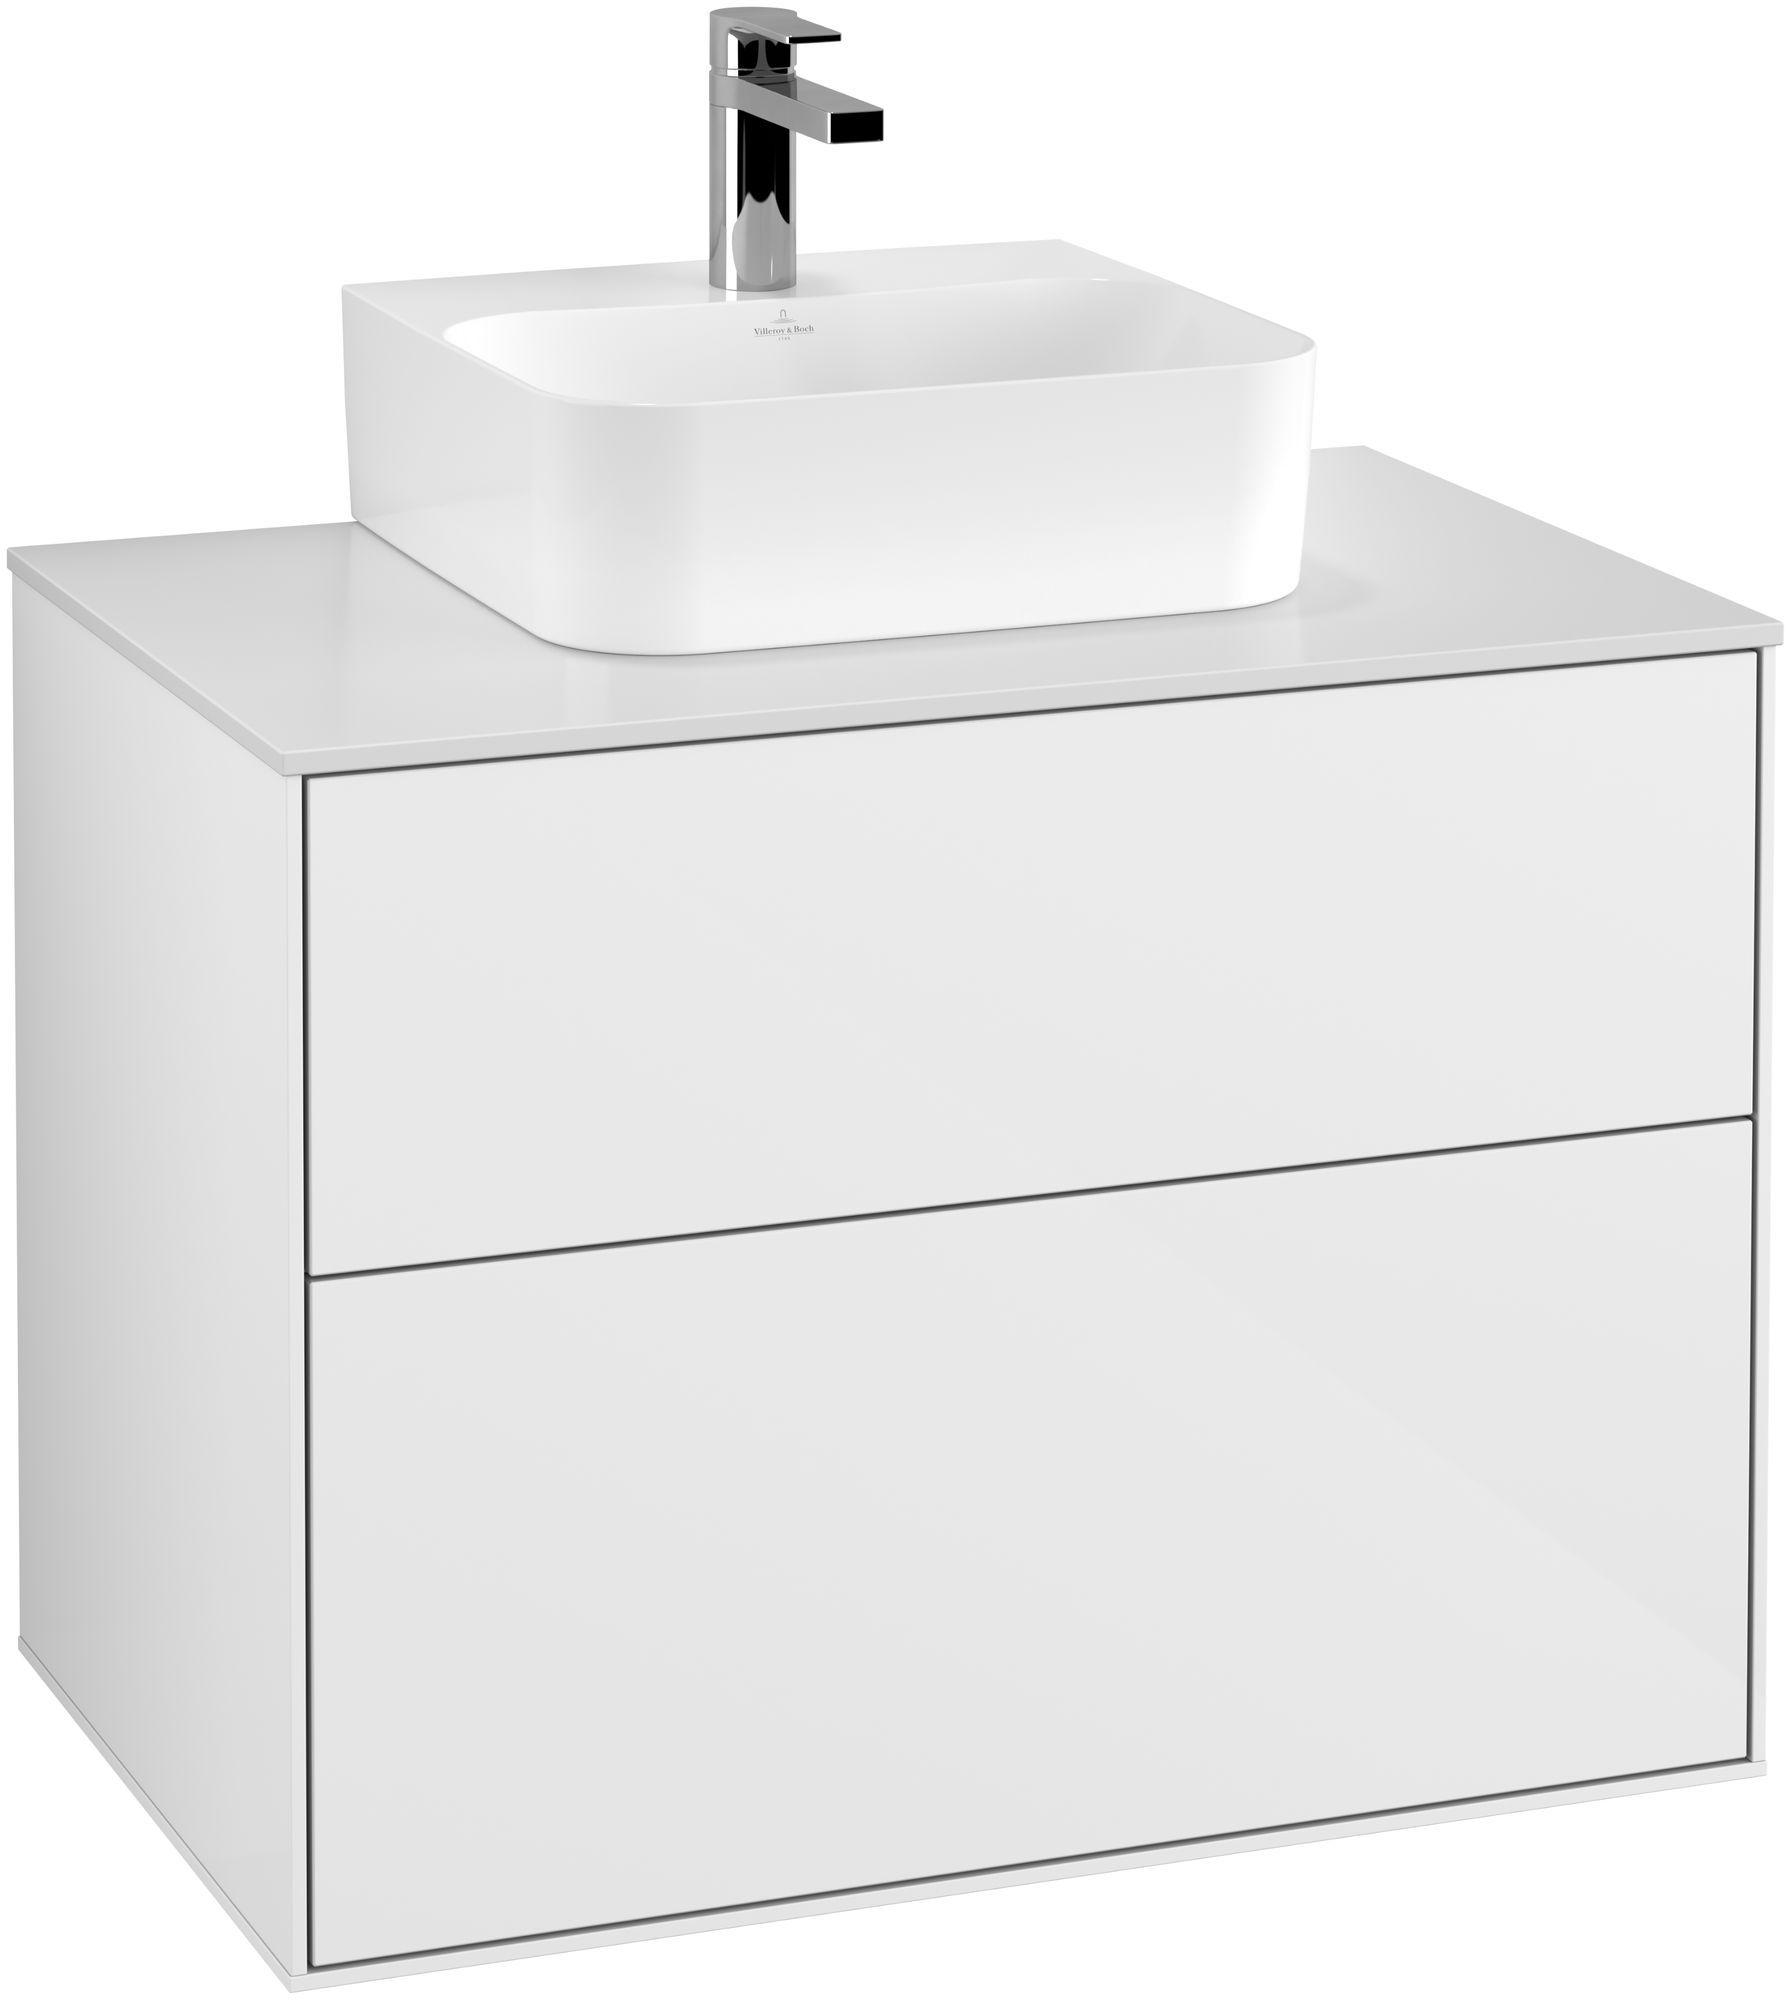 Villeroy & Boch Finion G08 Waschtischunterschrank 2 Auszüge Waschtisch mittig LED-Beleuchtung B:80xH:60,3xT:50,1cm Front, Korpus: Glossy White Lack, Glasplatte: White Matt G08100GF